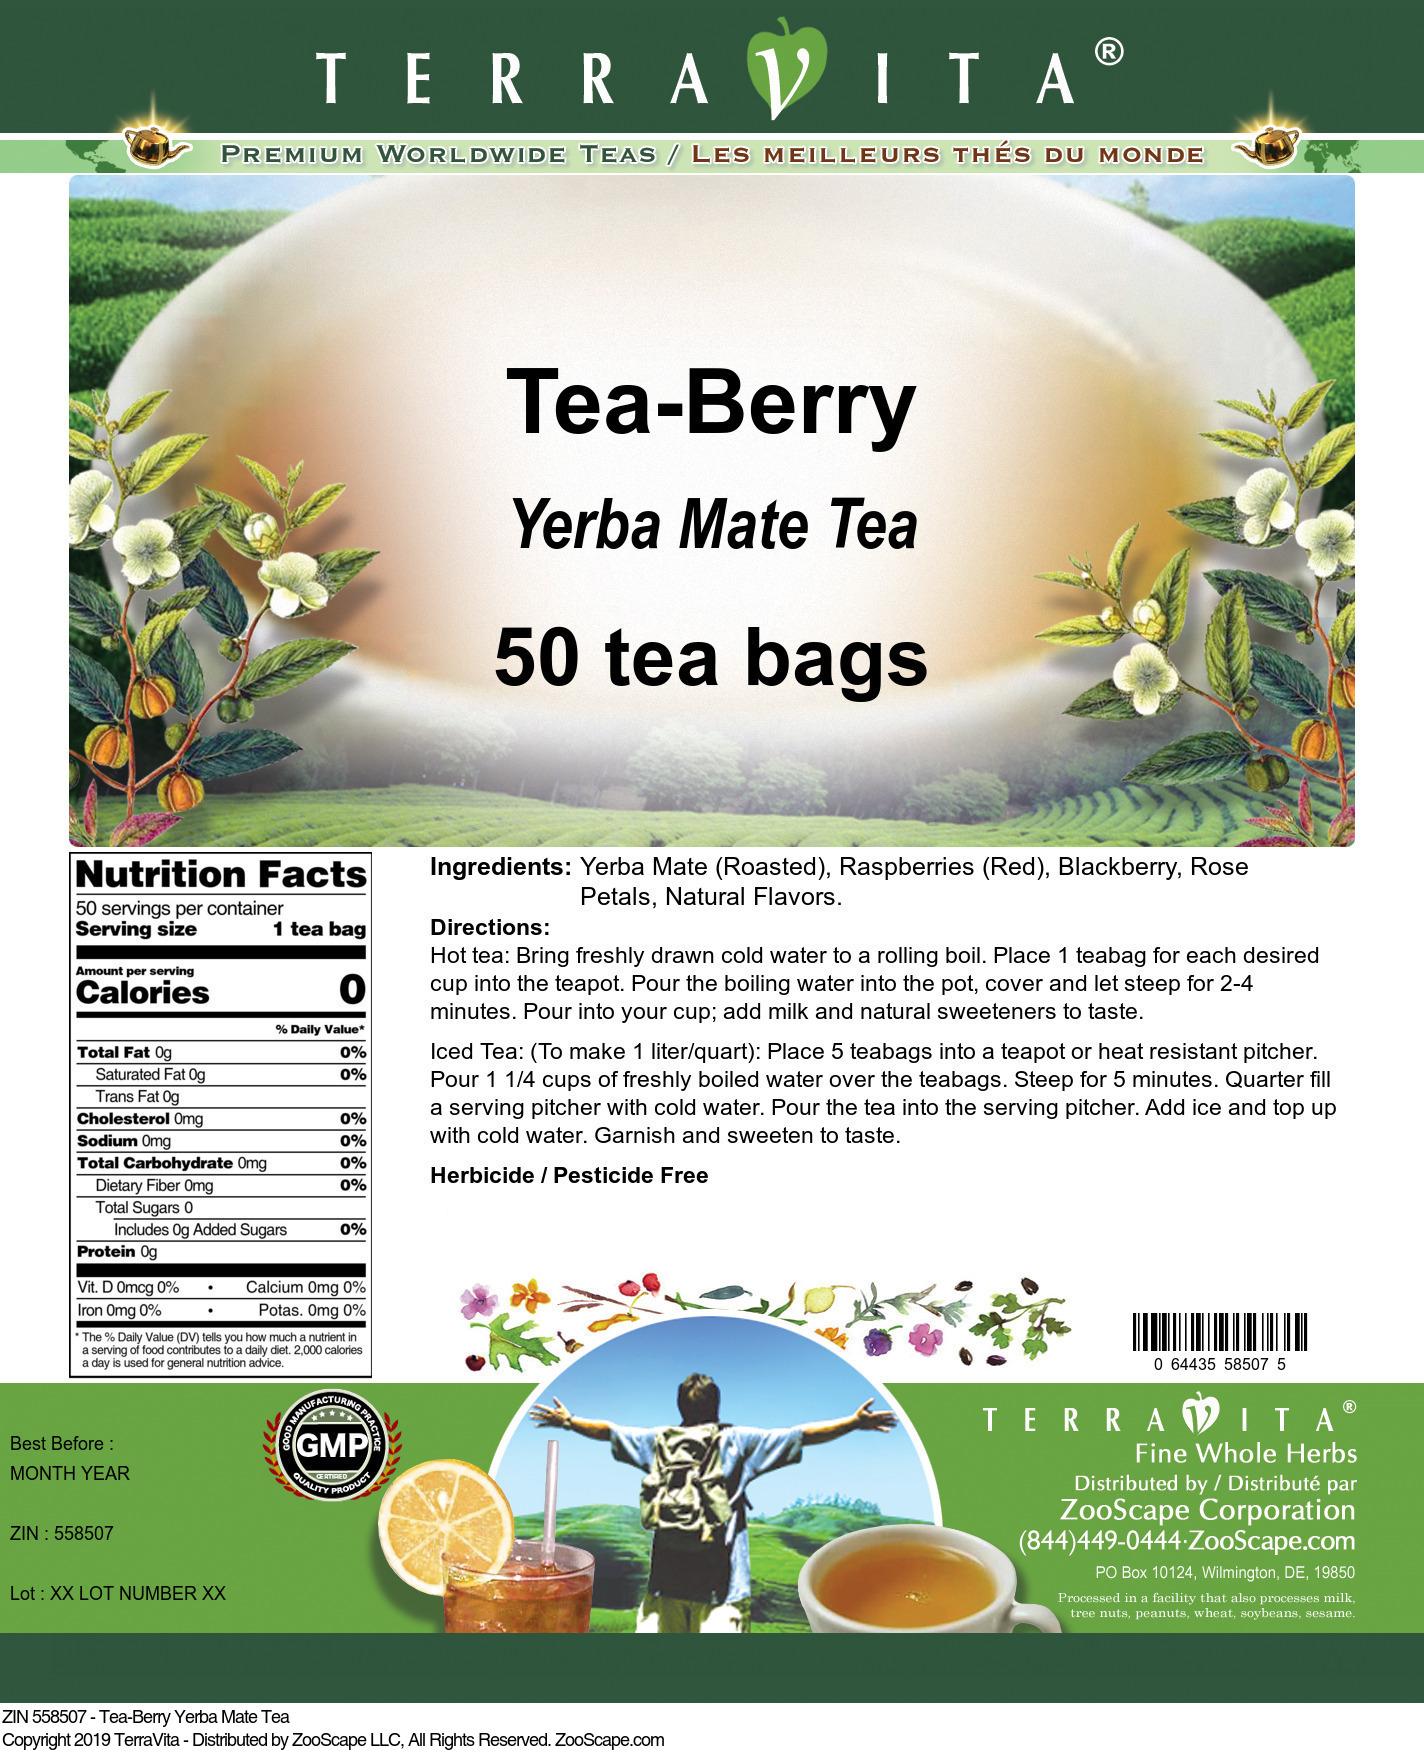 Tea-Berry Yerba Mate